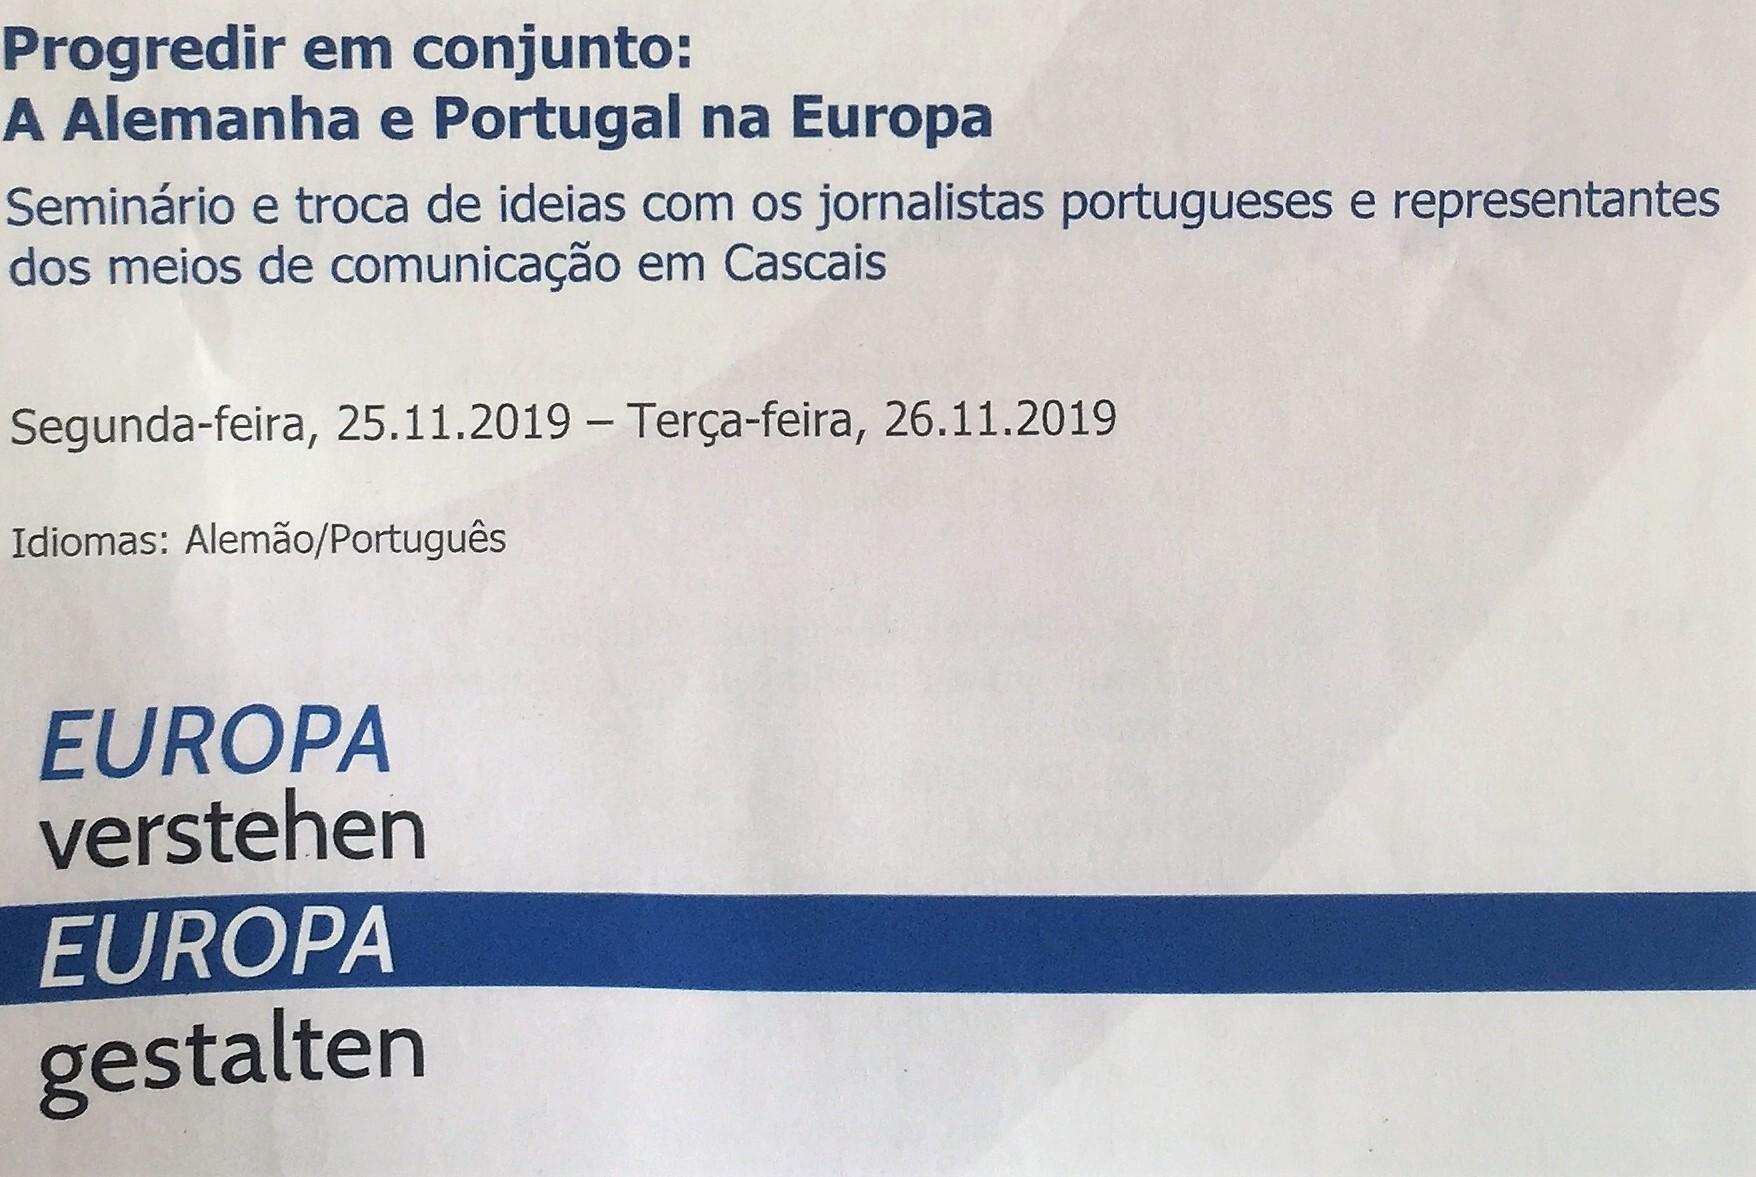 Seminário | Progredir em conjunto: A Alemanha e Portugal na Europa